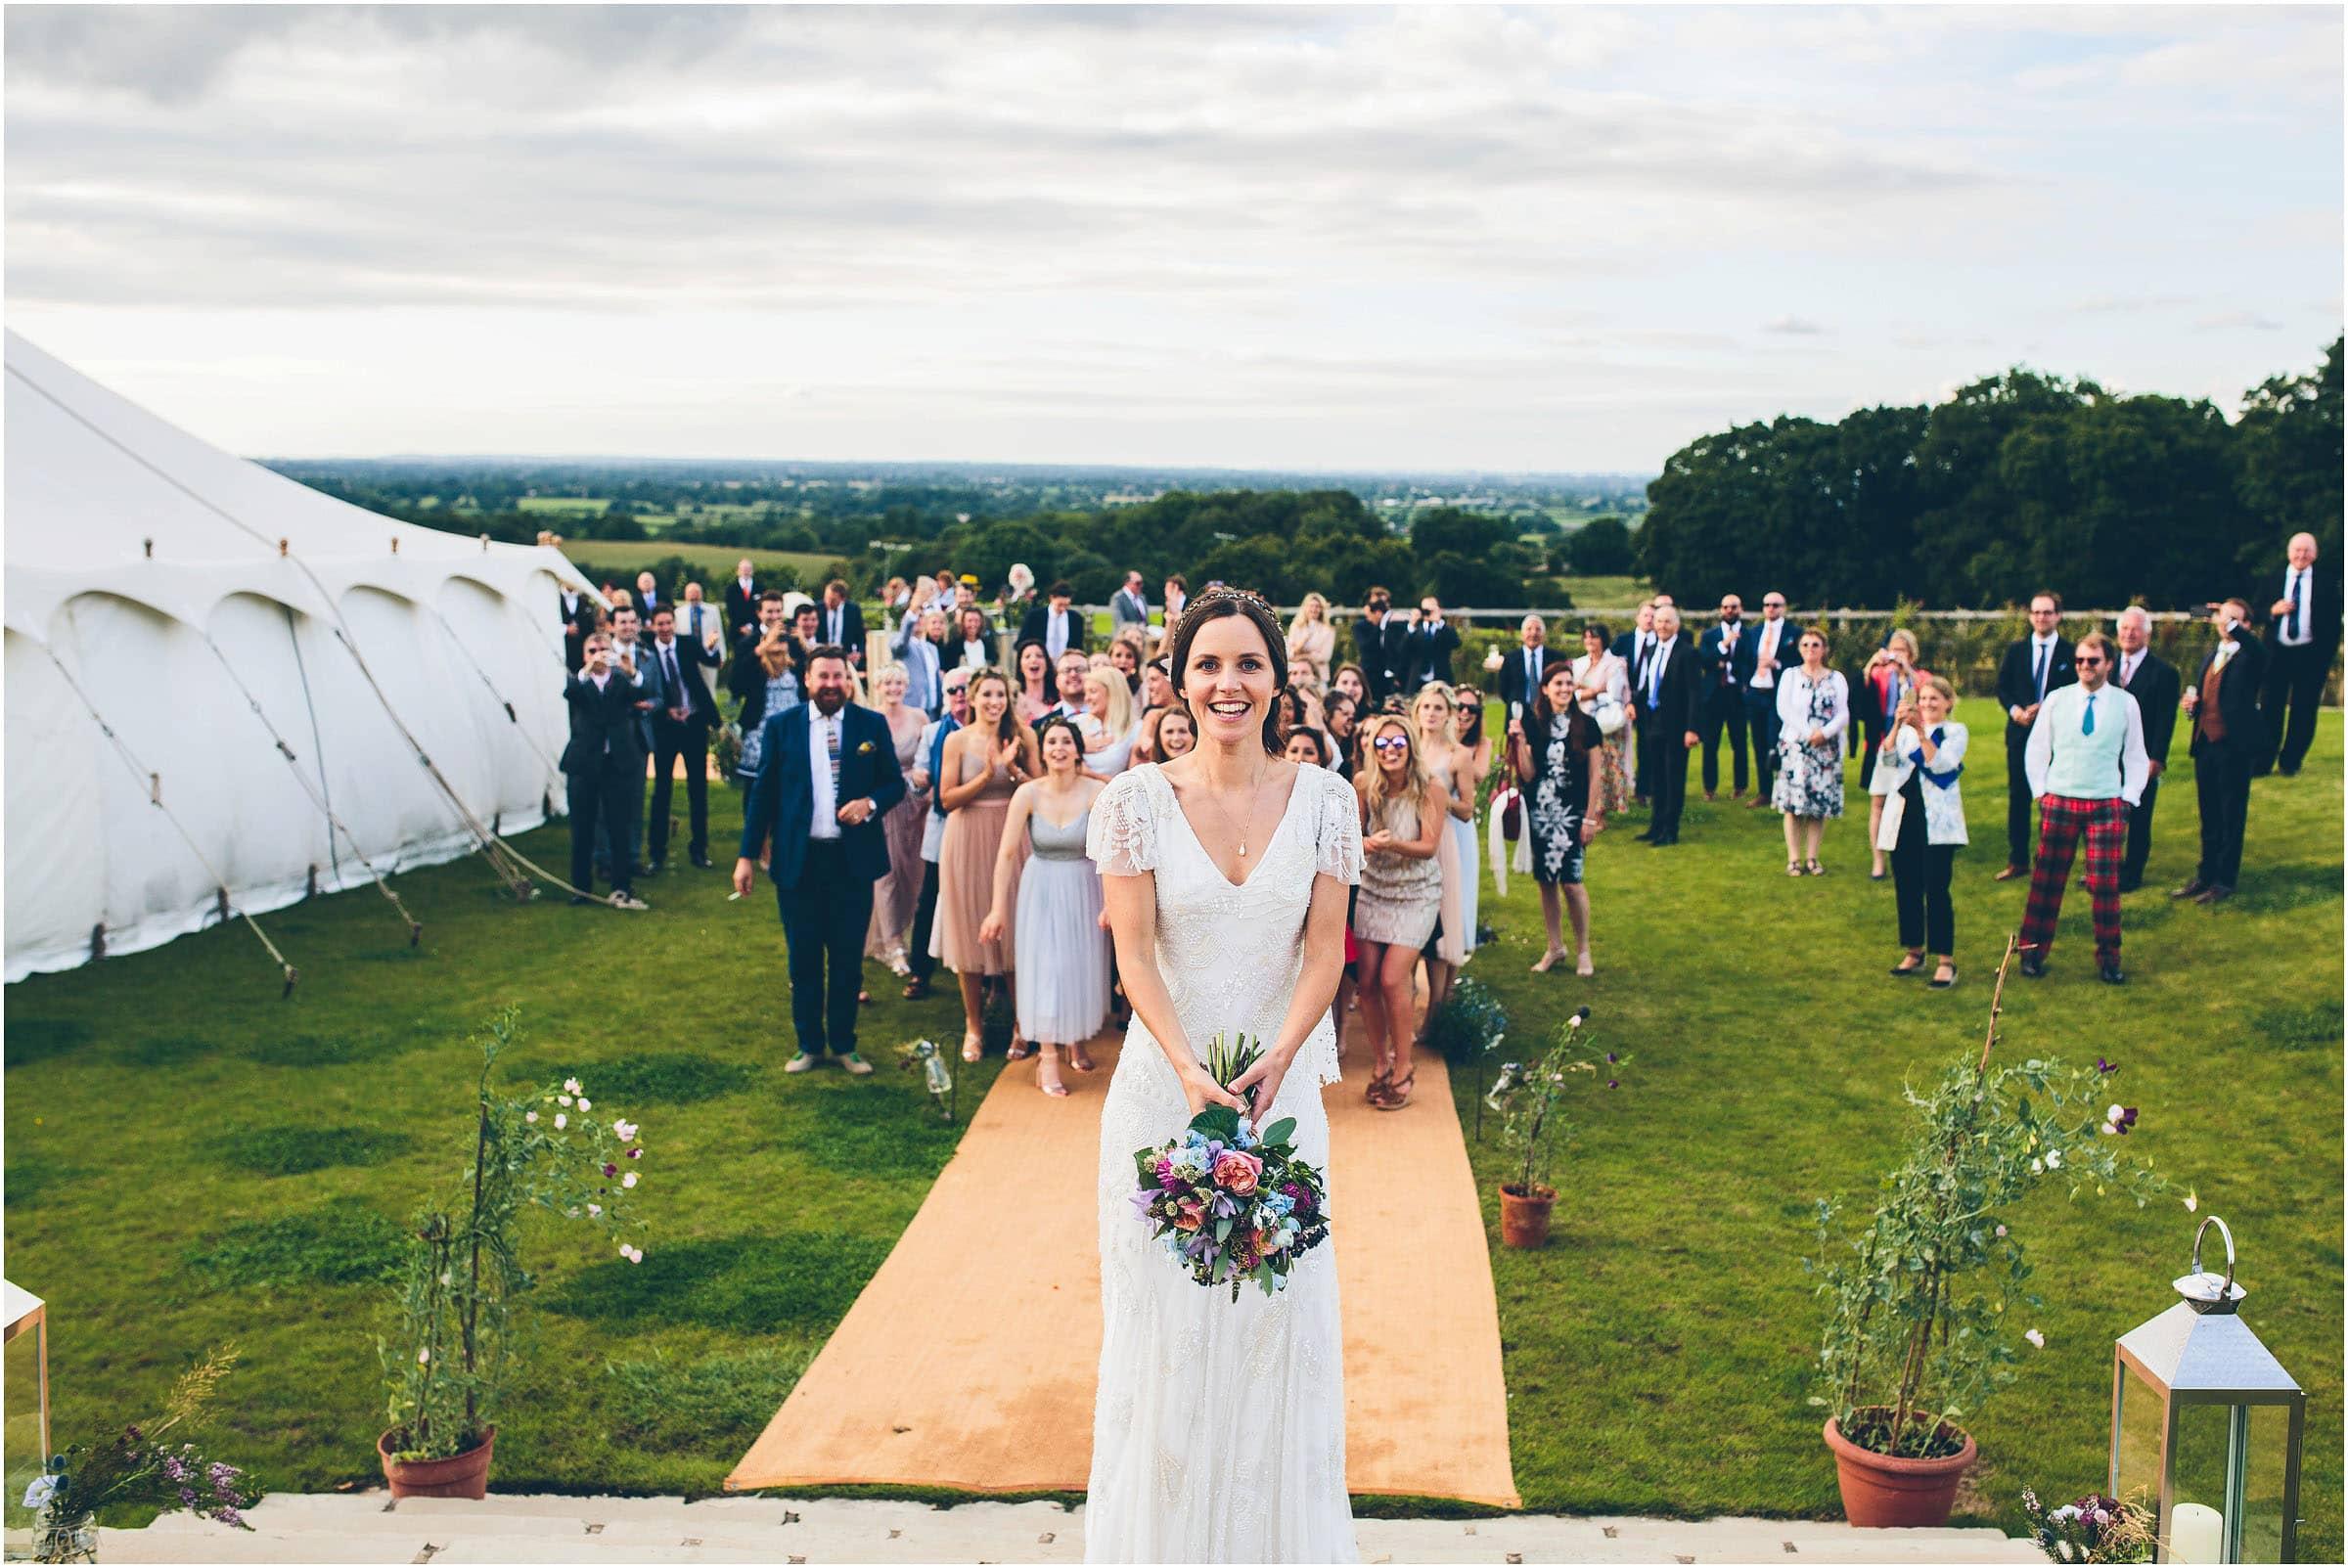 Harthill_Weddings_Wedding_Photography_0097